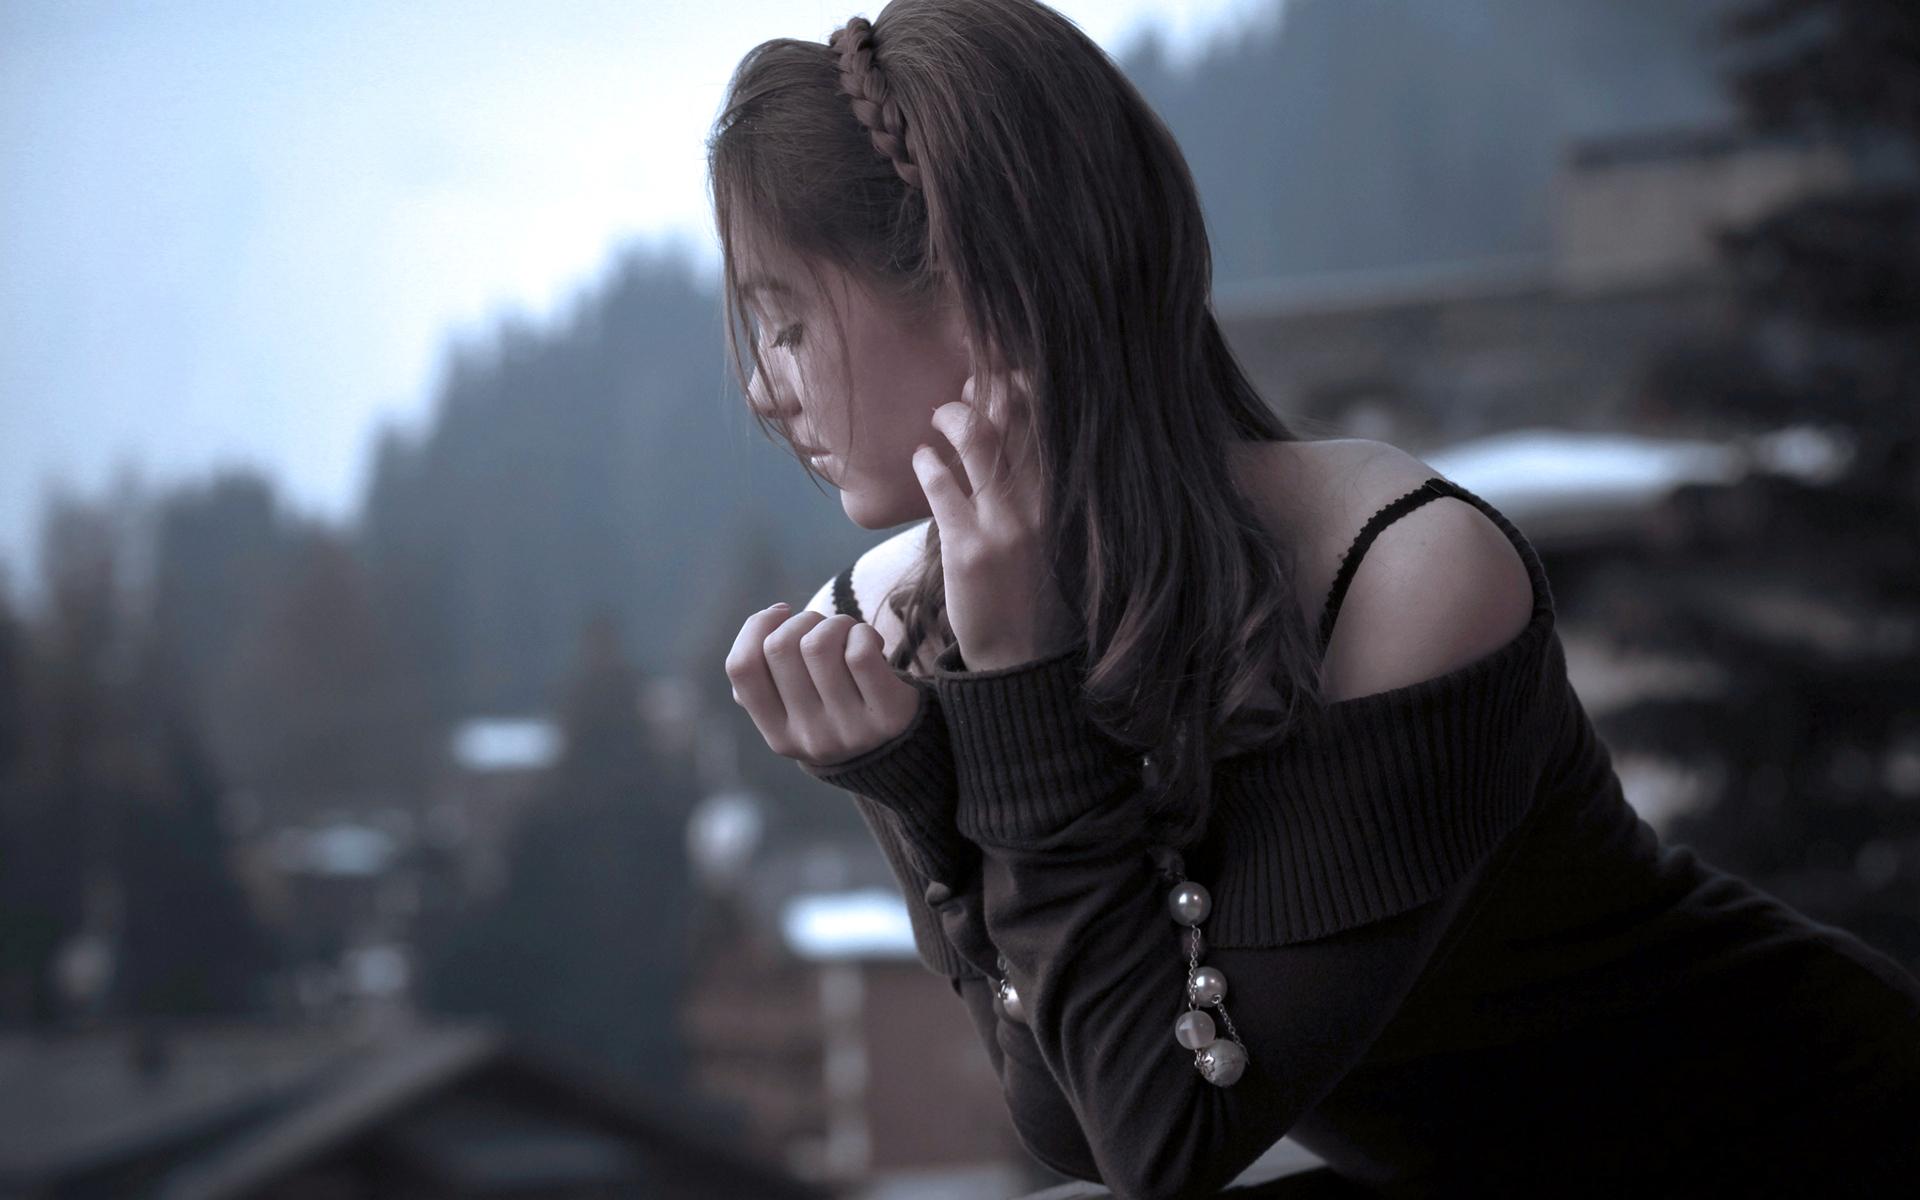 Картинки одинокой девушки